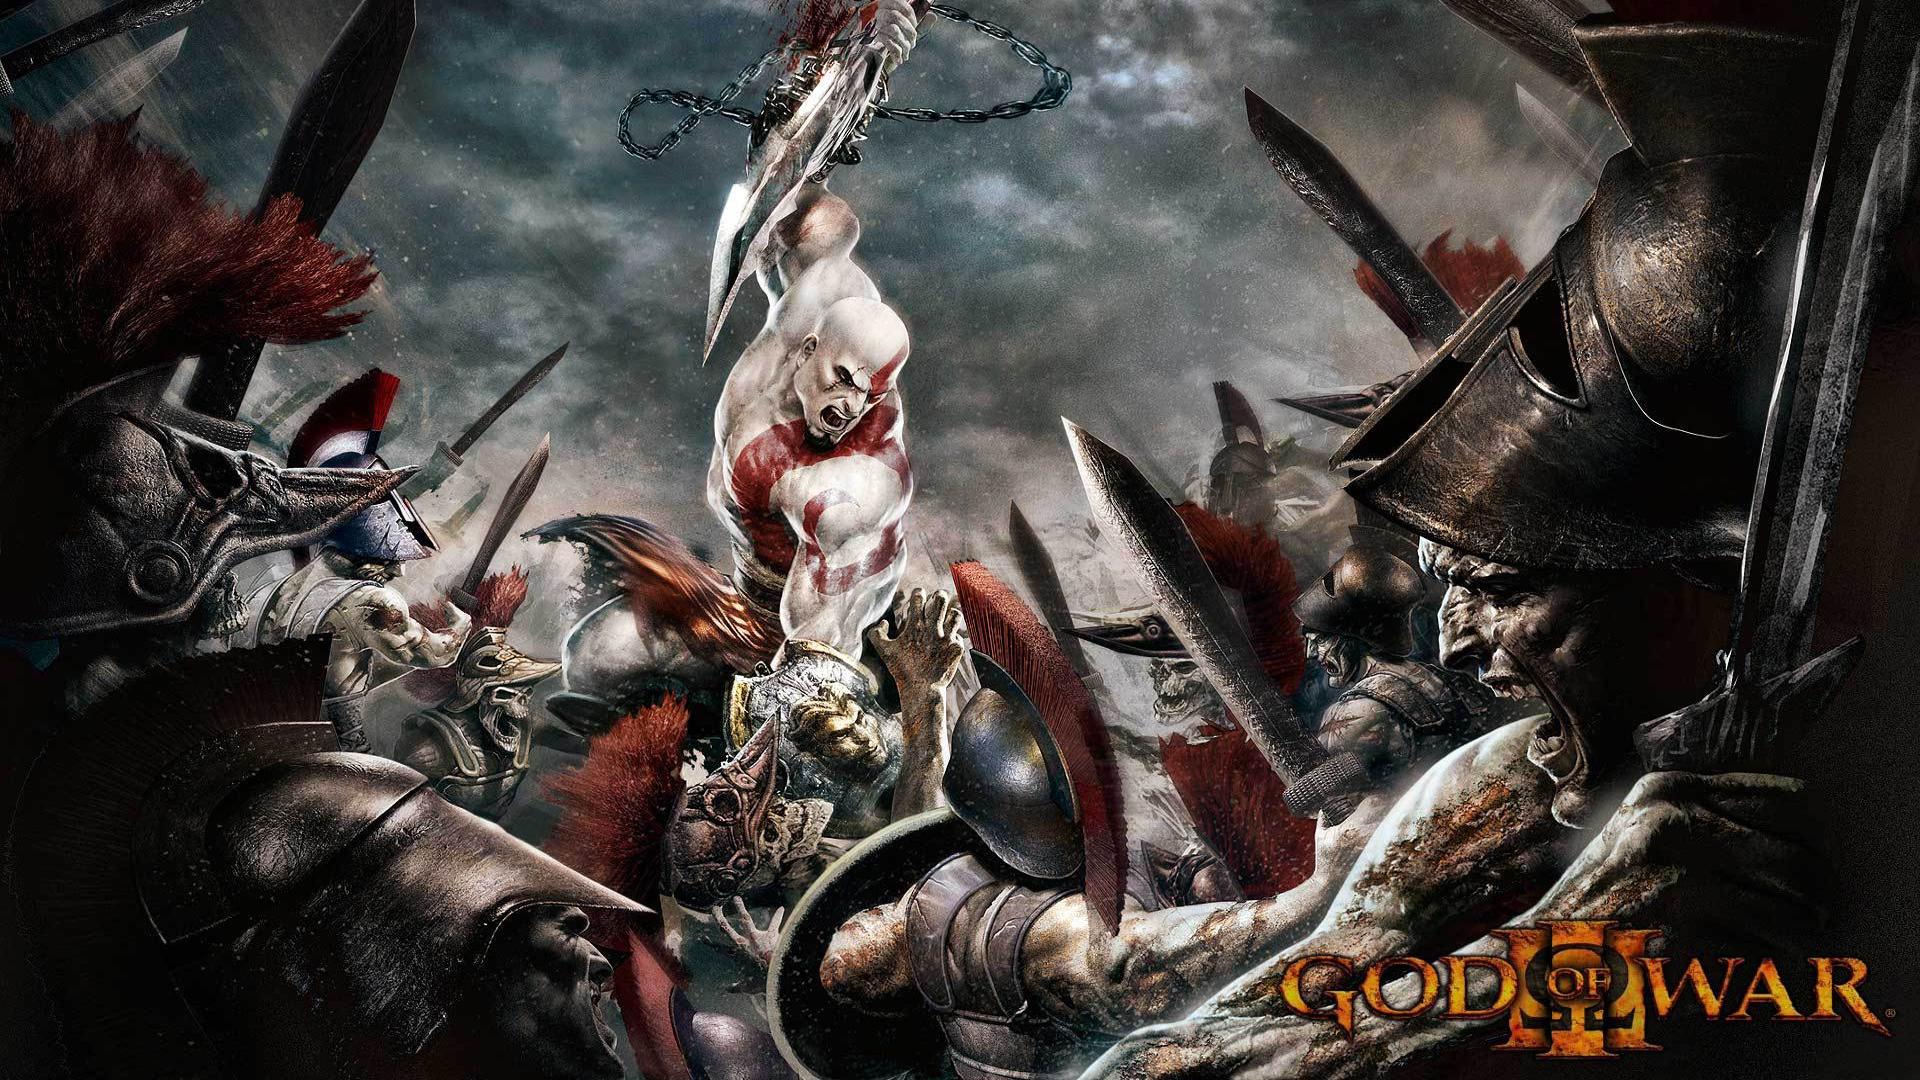 god-of-war-3-wallpaper.jpg